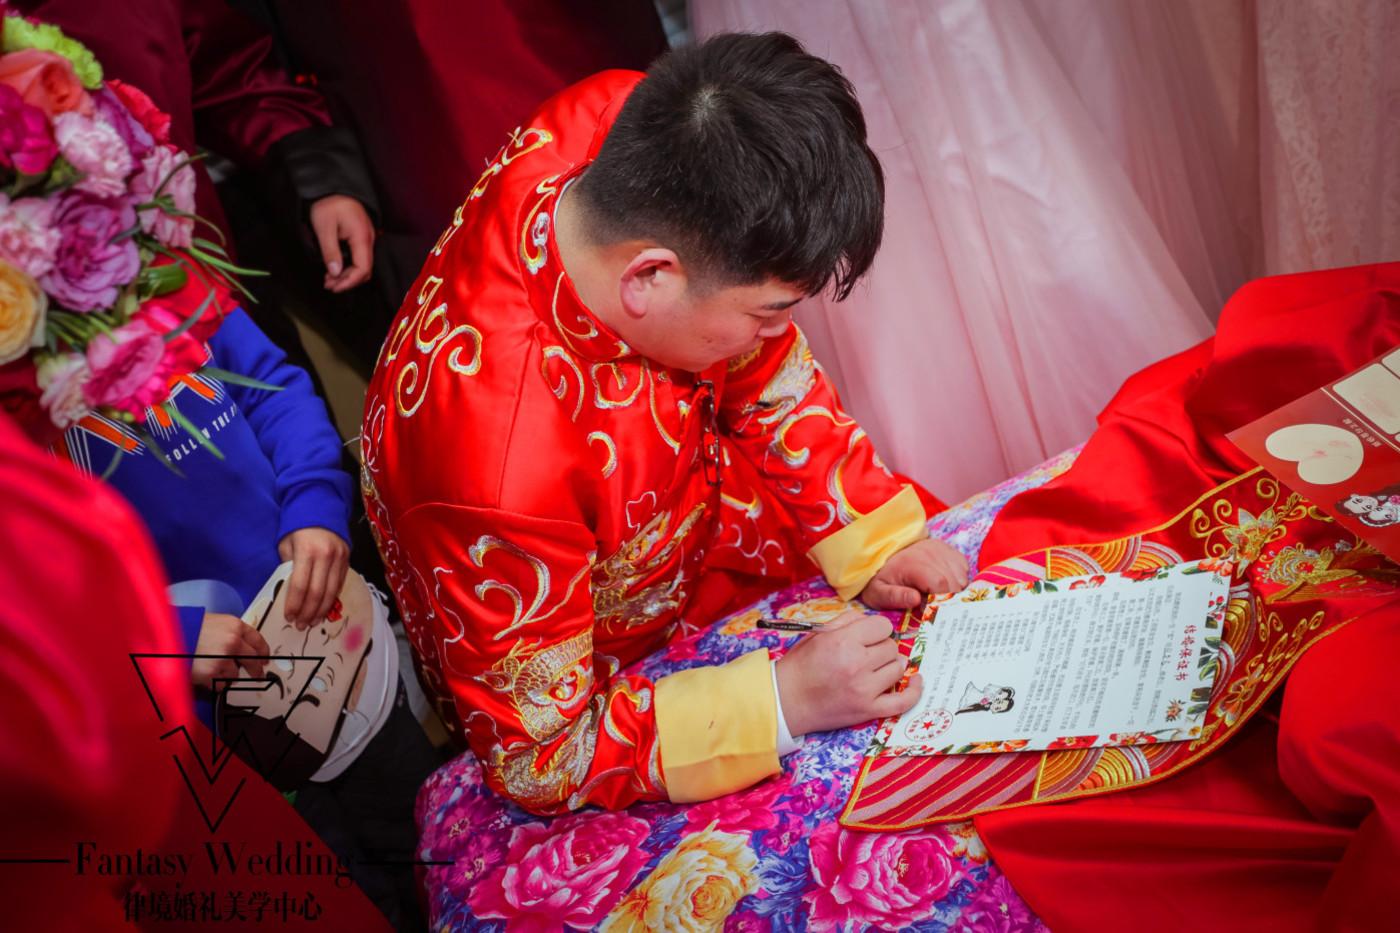 「Fantasy Wedding」&G R 白金汉爵9